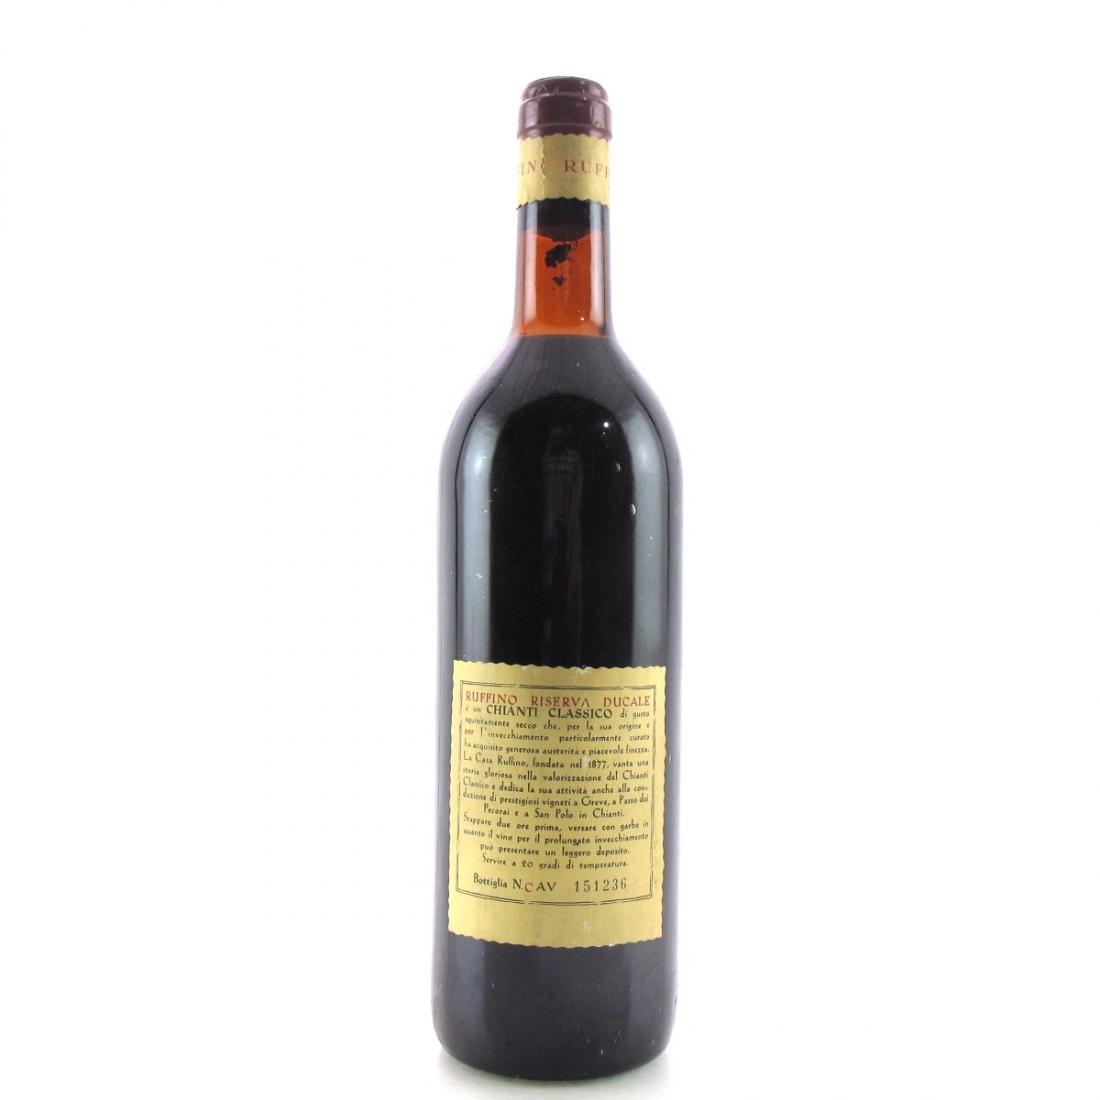 Ruffino 1975 Chianti Classico